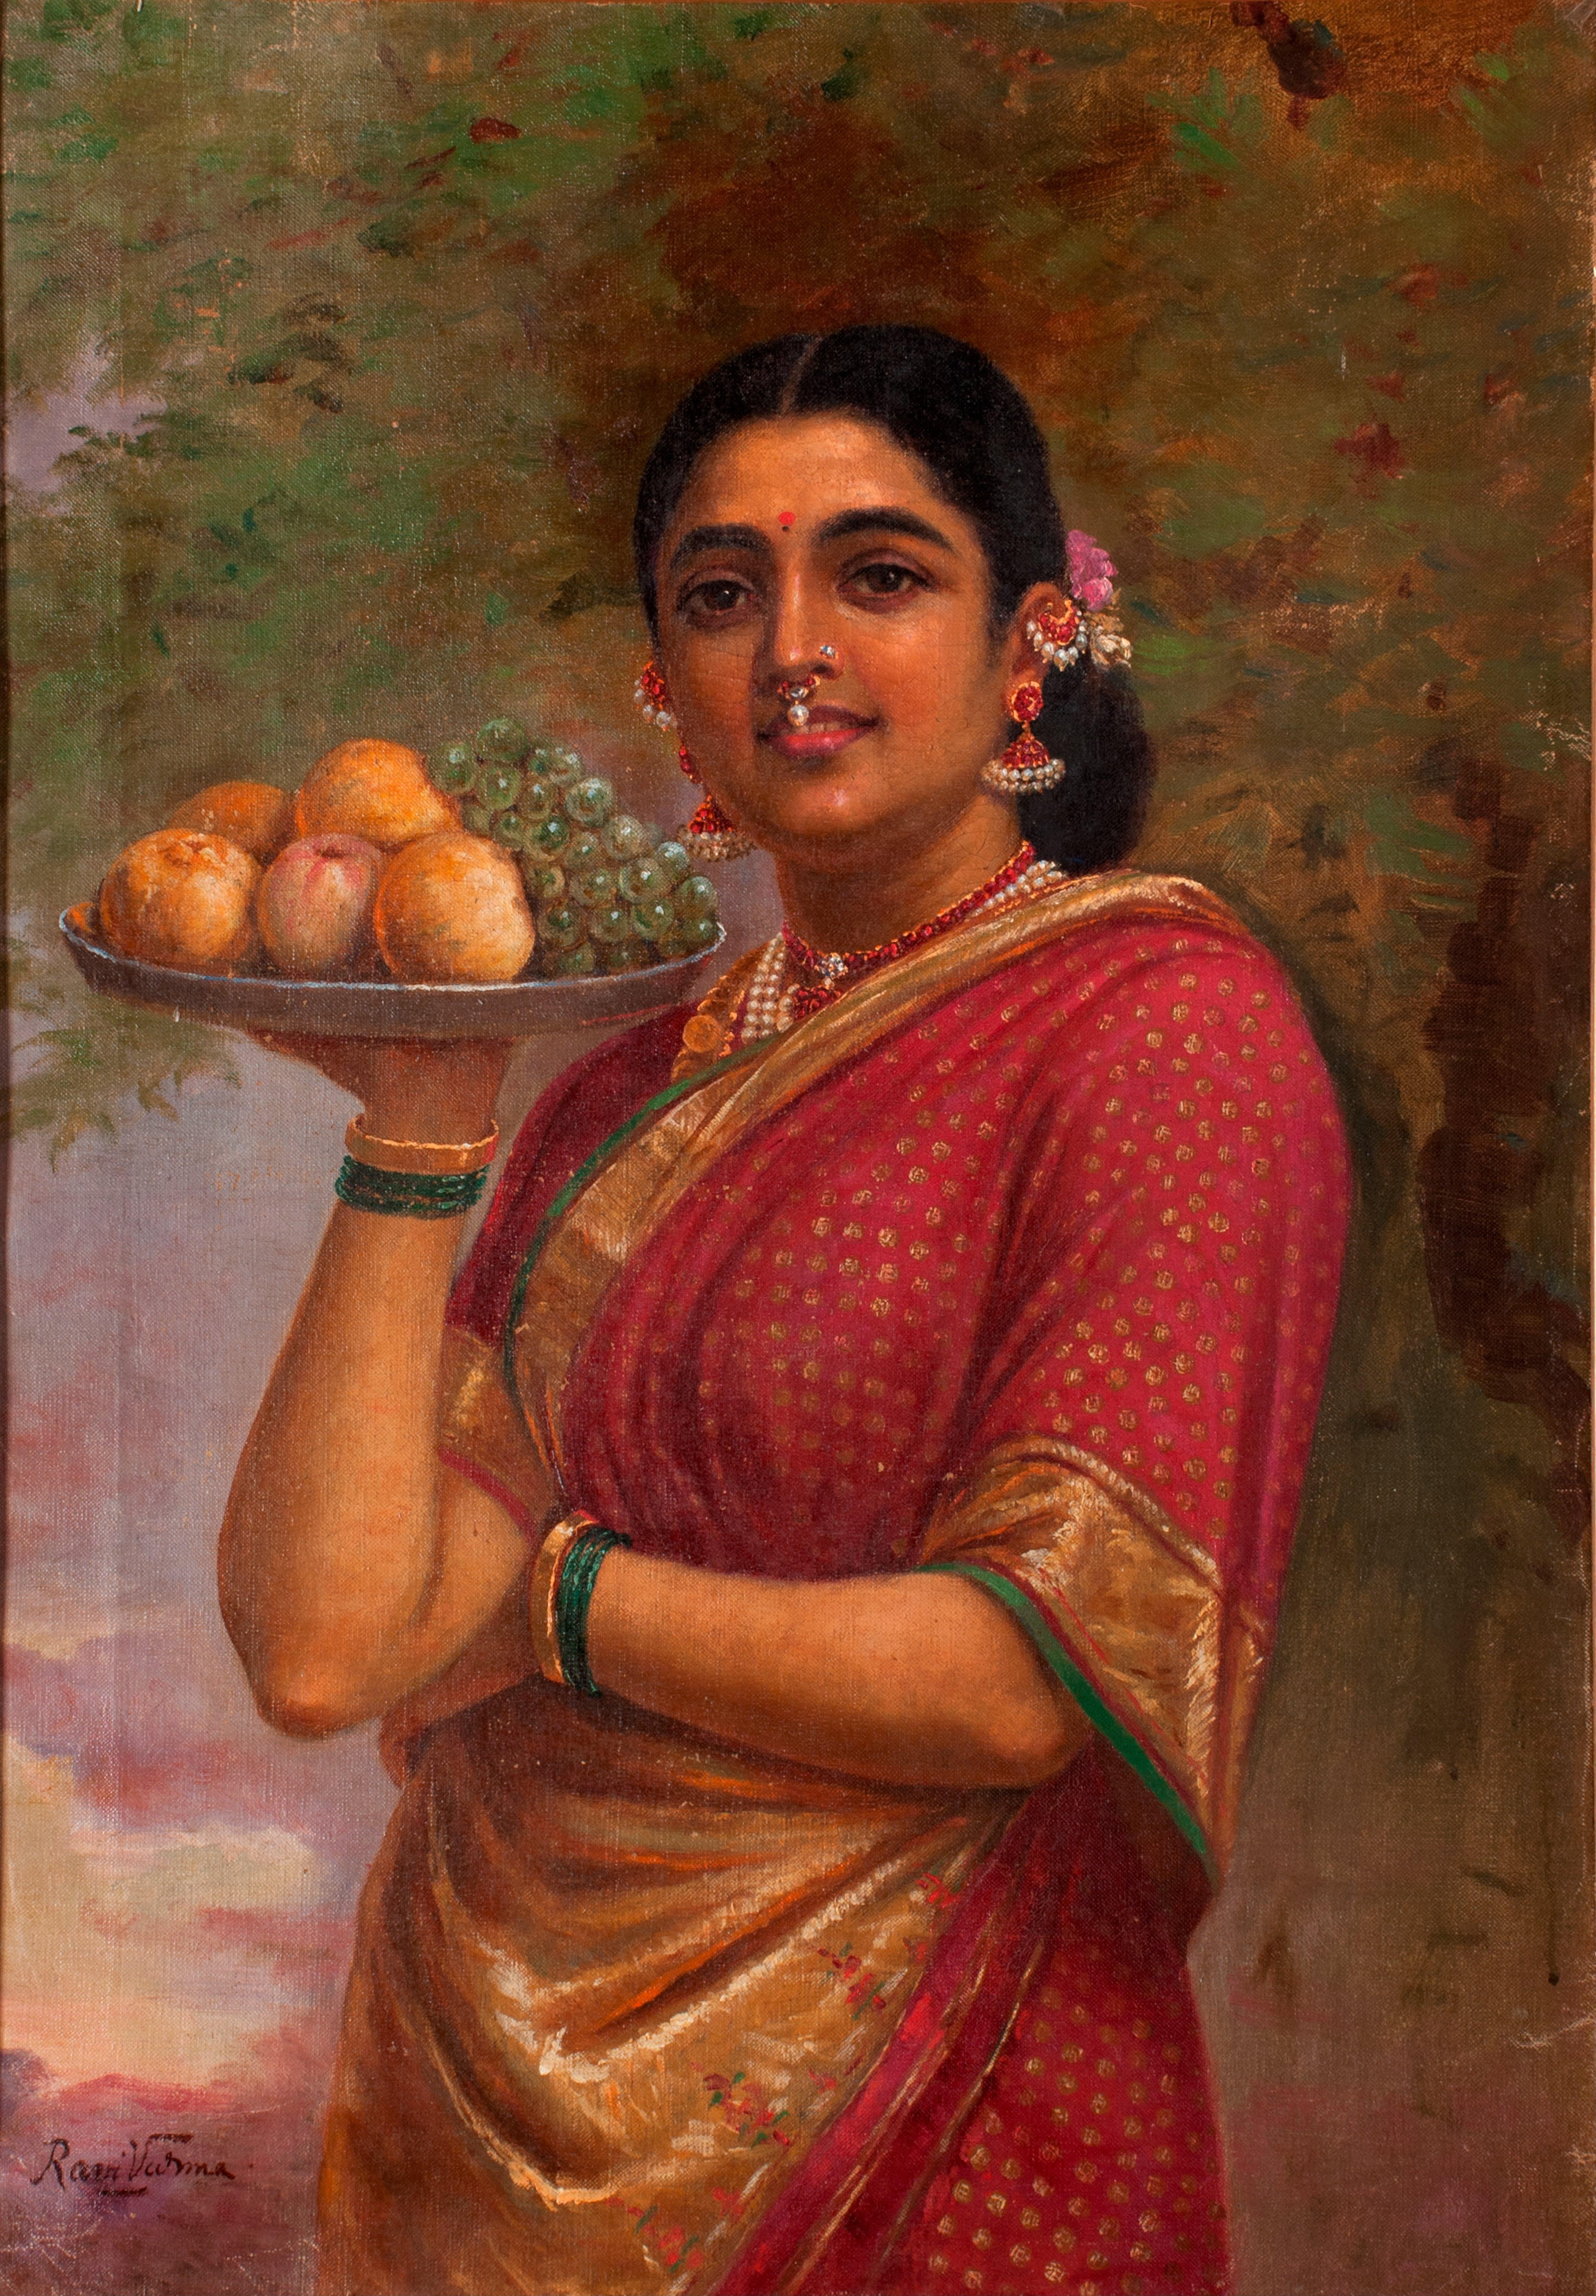 File:Raja Ravi Varma, The Maharashtrian Lady.jpg ...